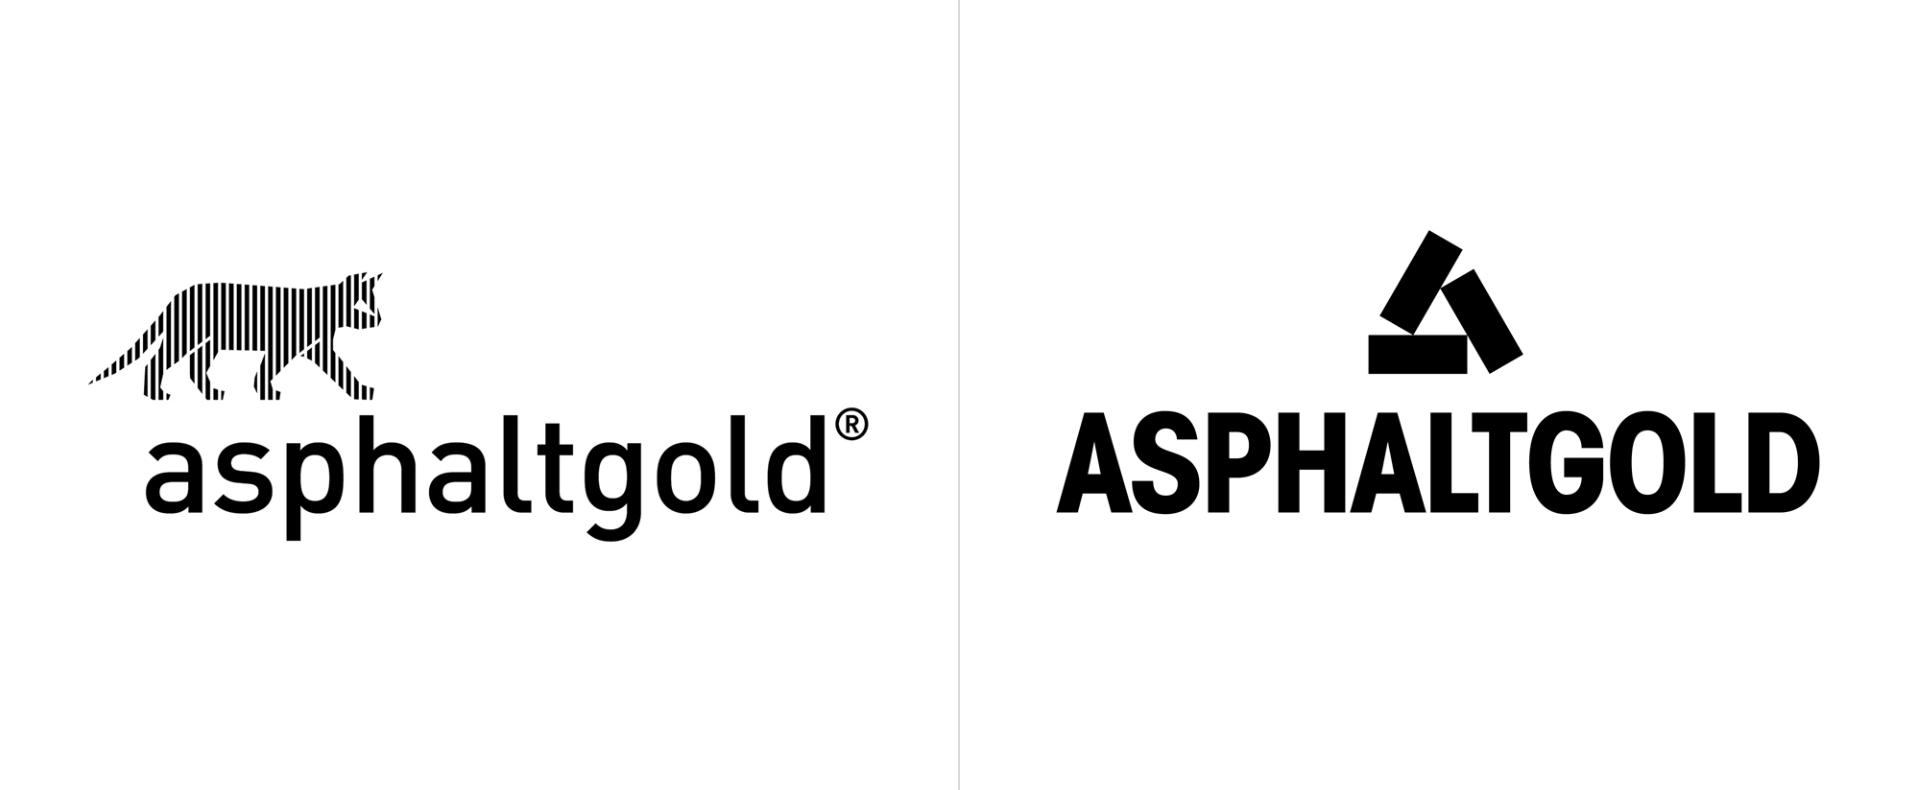 品牌VI設計公司發布Asphaltgold運動品牌企業全新的視覺形象設計-深圳VI設計